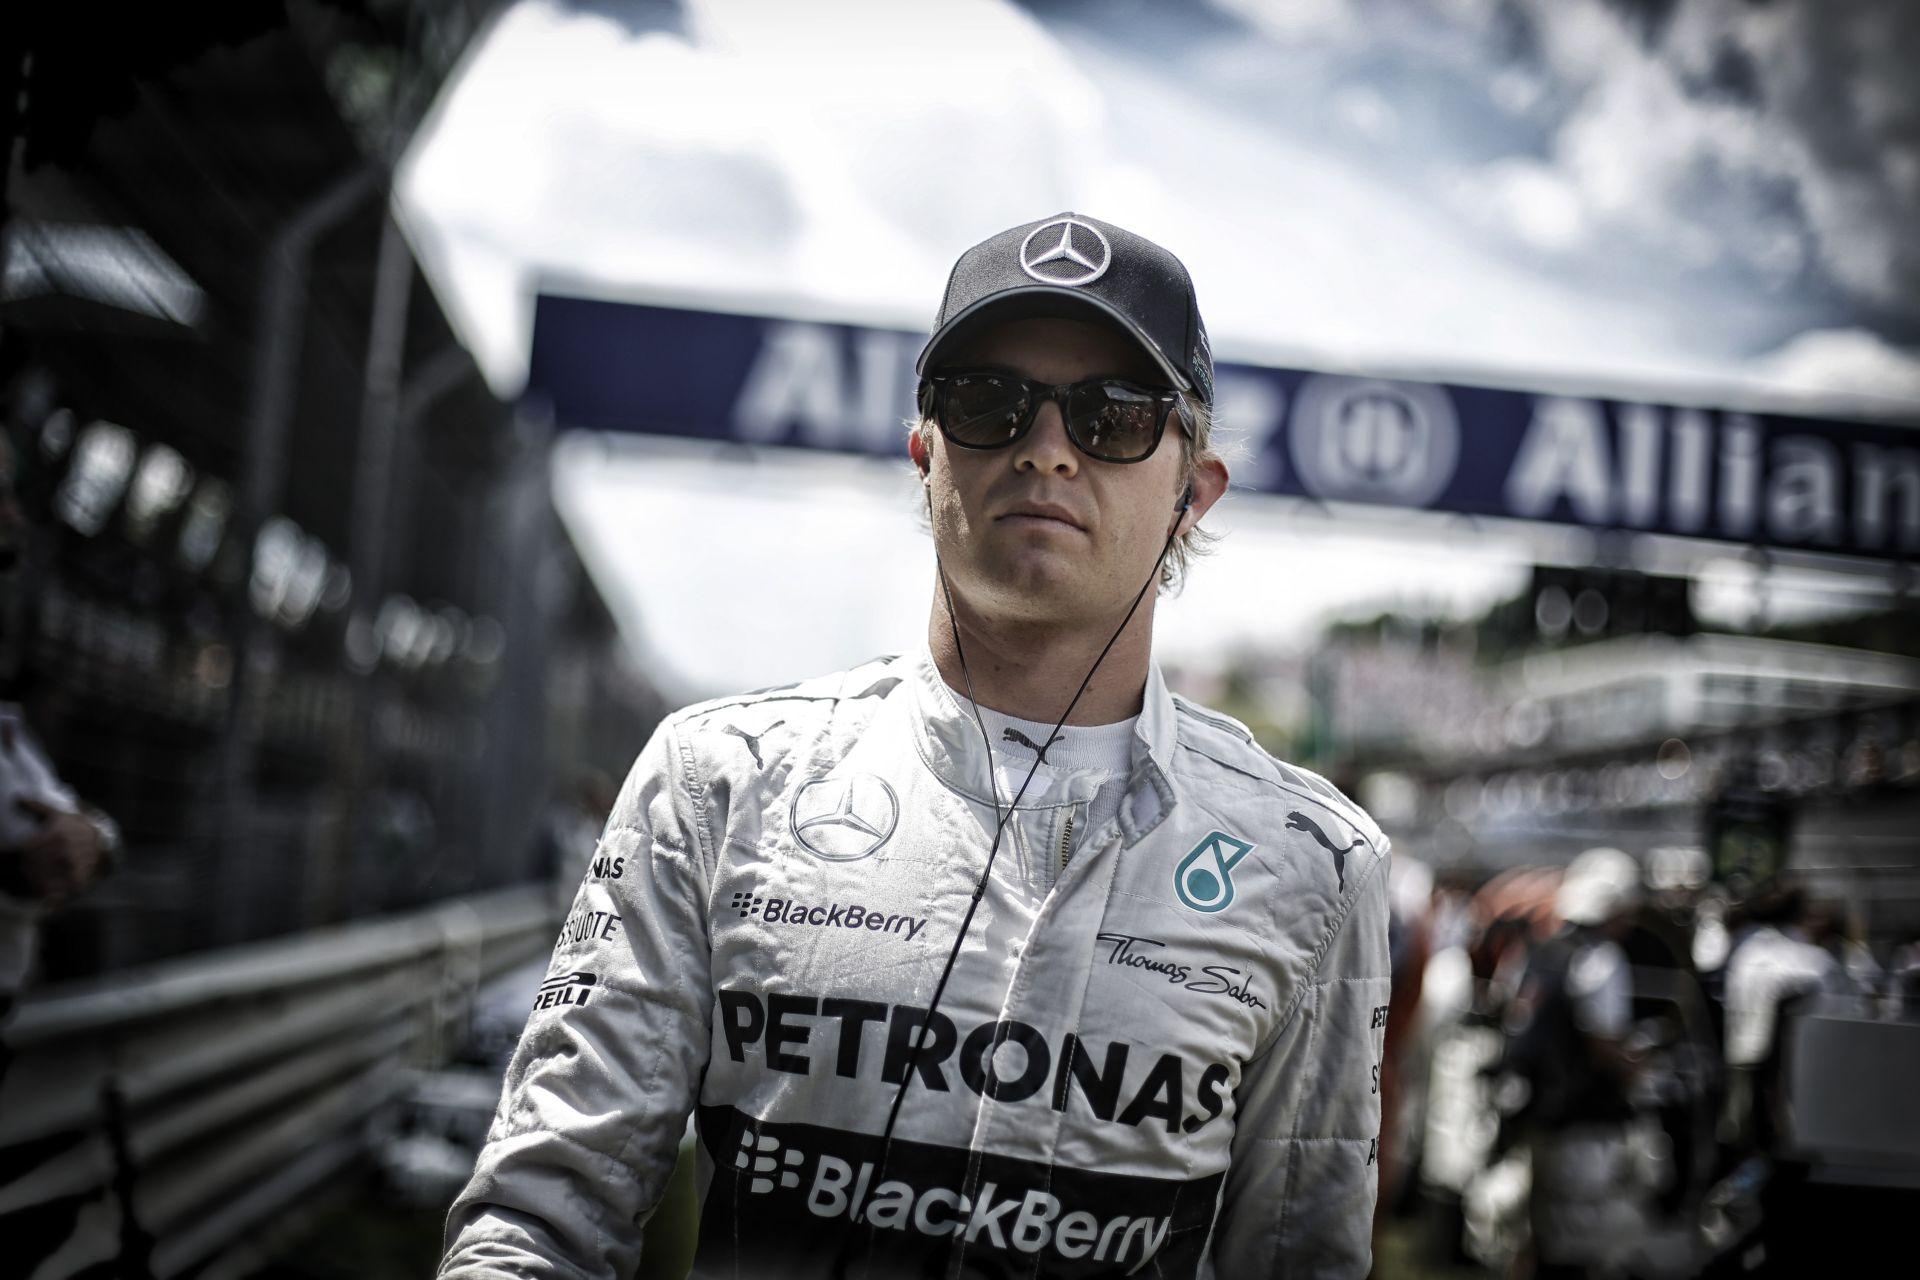 Lesz egy pont, amikor Rosberg már nem fog segíteni Hamiltonnak